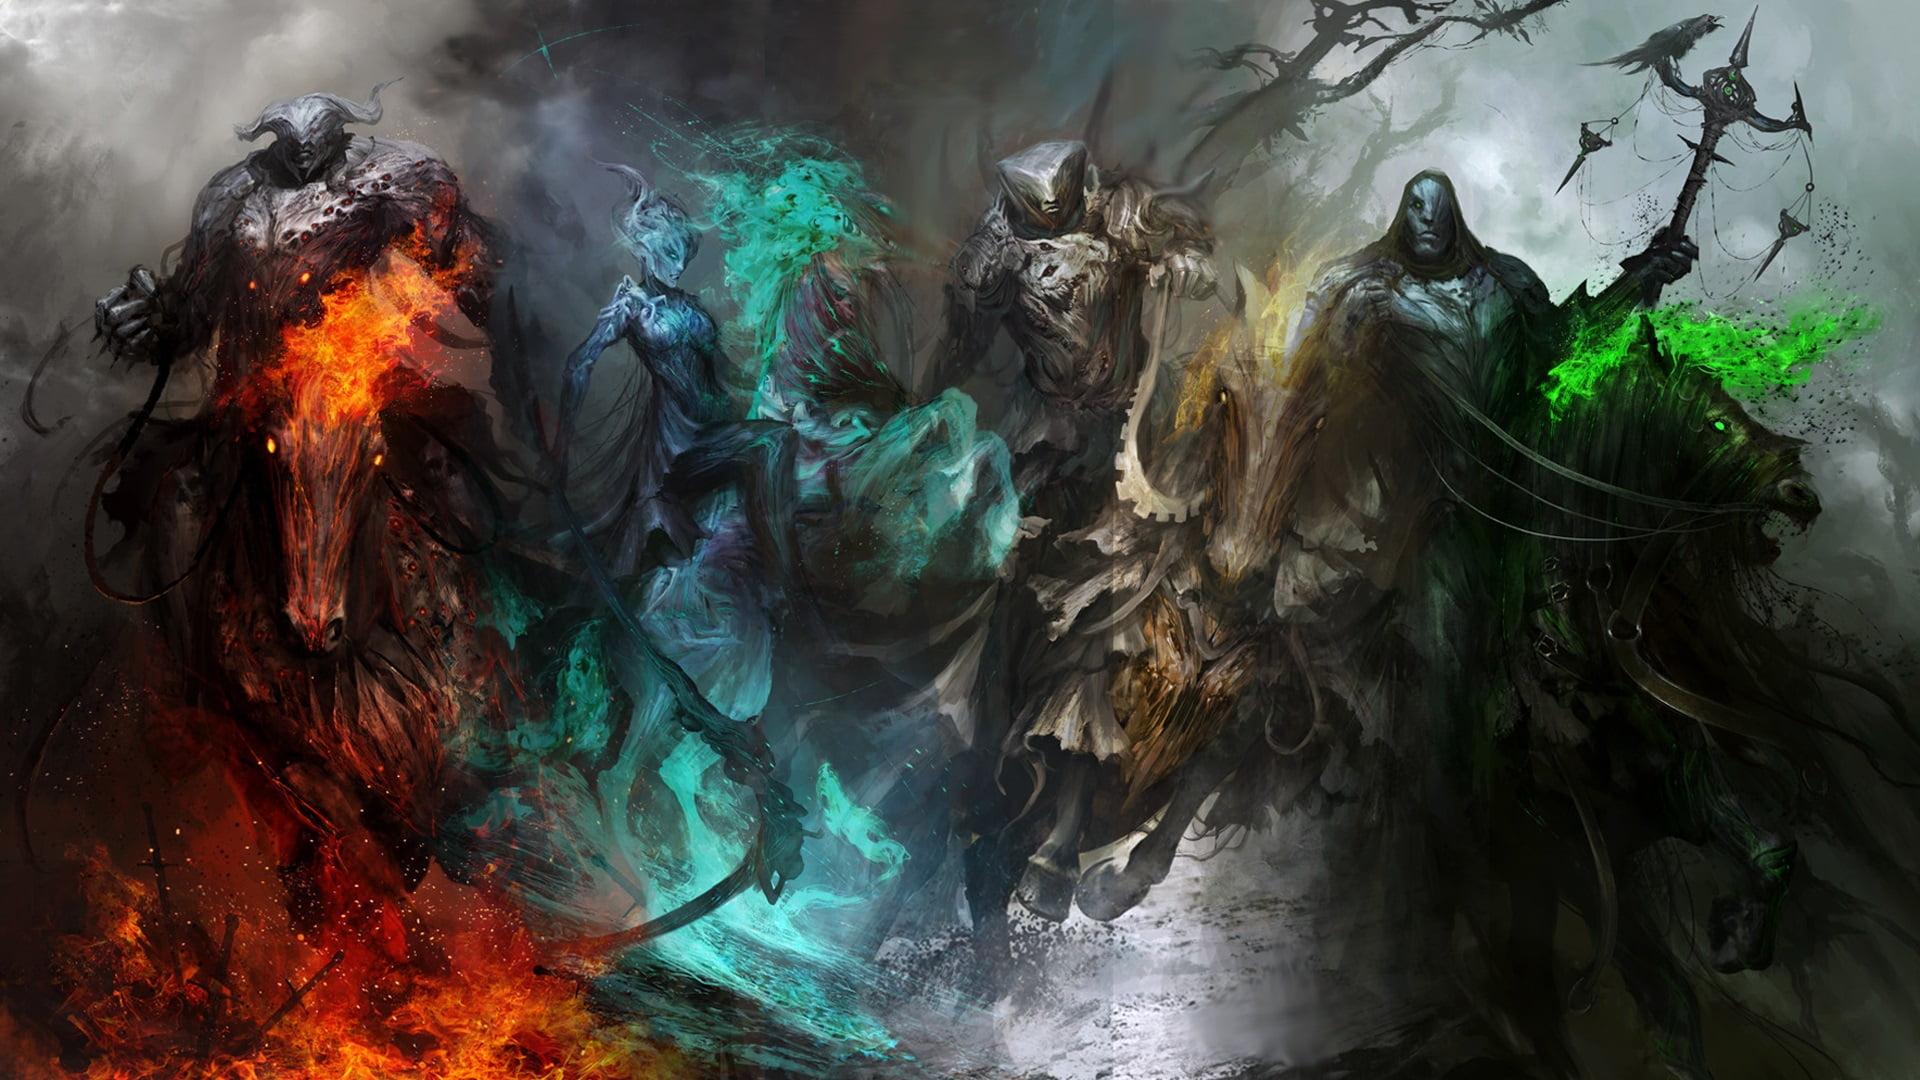 four-horsemen-of-the-apocalypse-artwork-fantasy-art-four-wallpaper.jpg